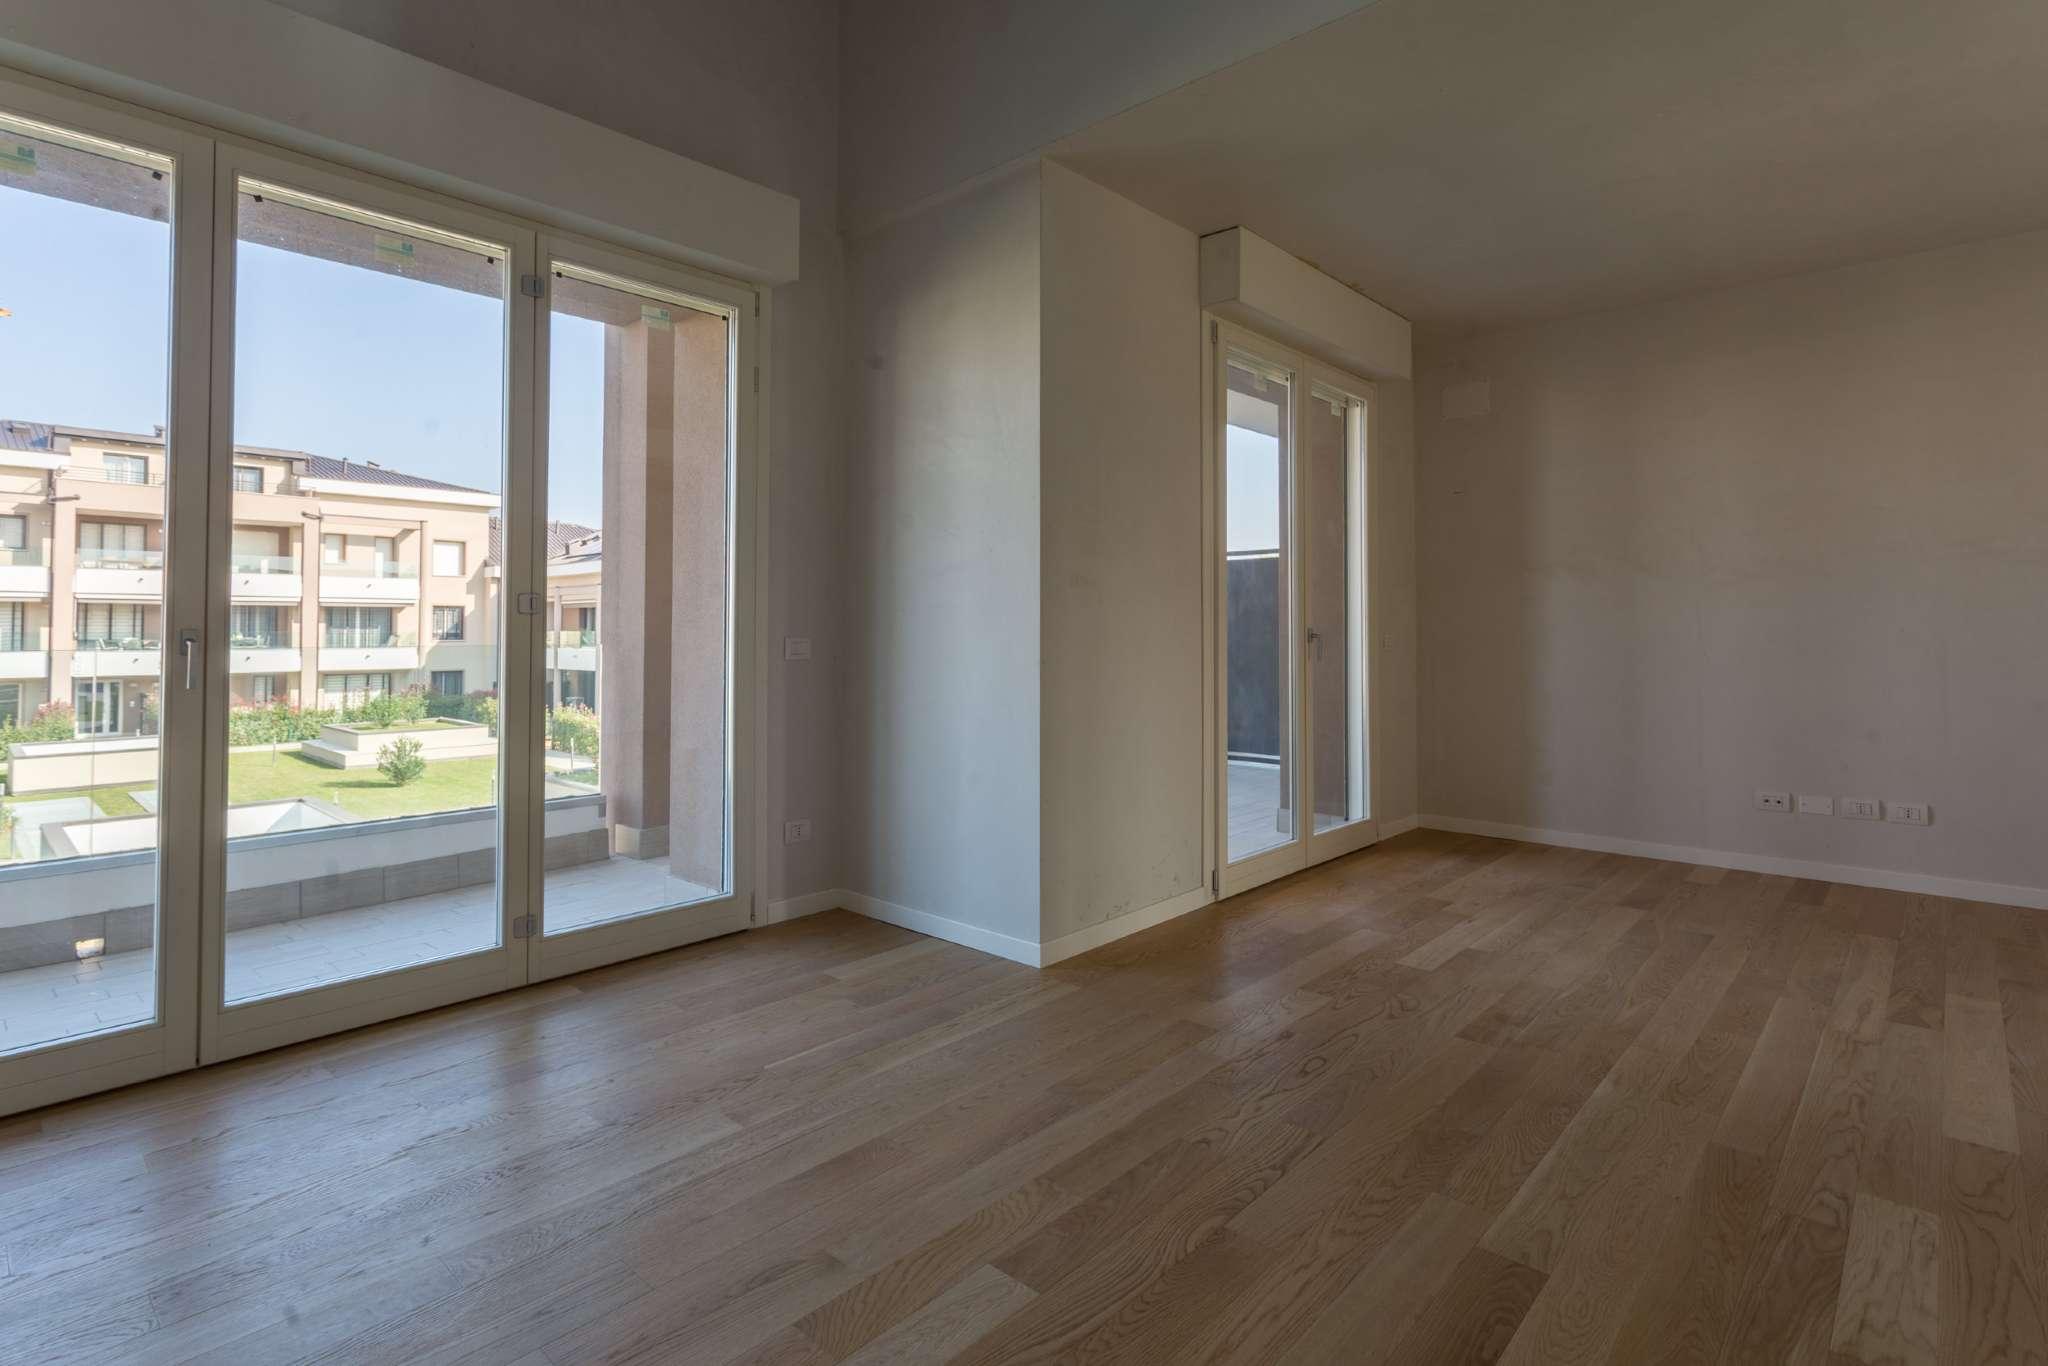 Appartamento in vendita a Cassina de' Pecchi, 4 locali, prezzo € 513.000 | CambioCasa.it